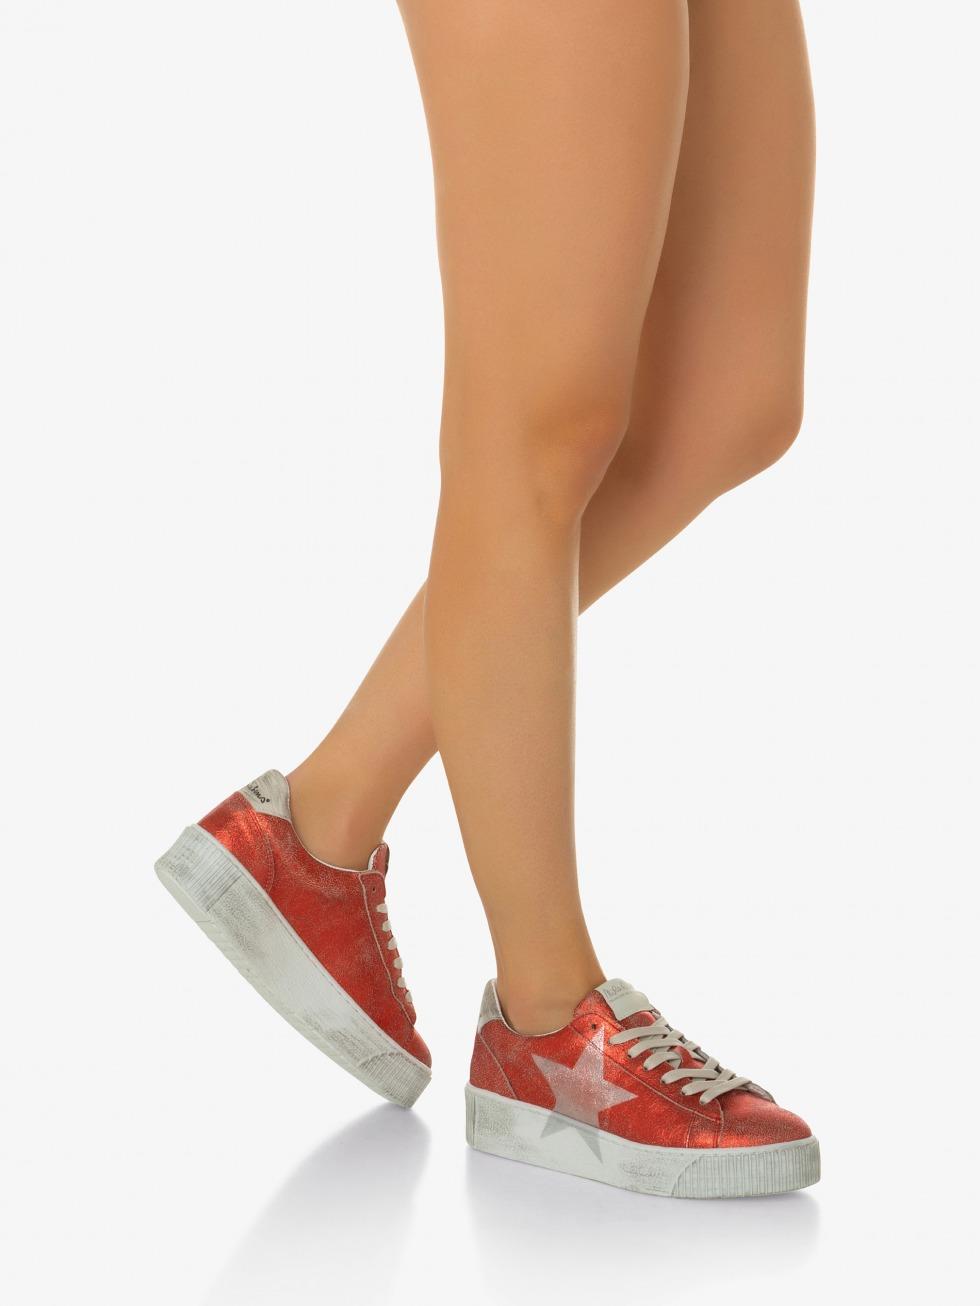 Cosmopolitan Vintage Red Sneakers - Star